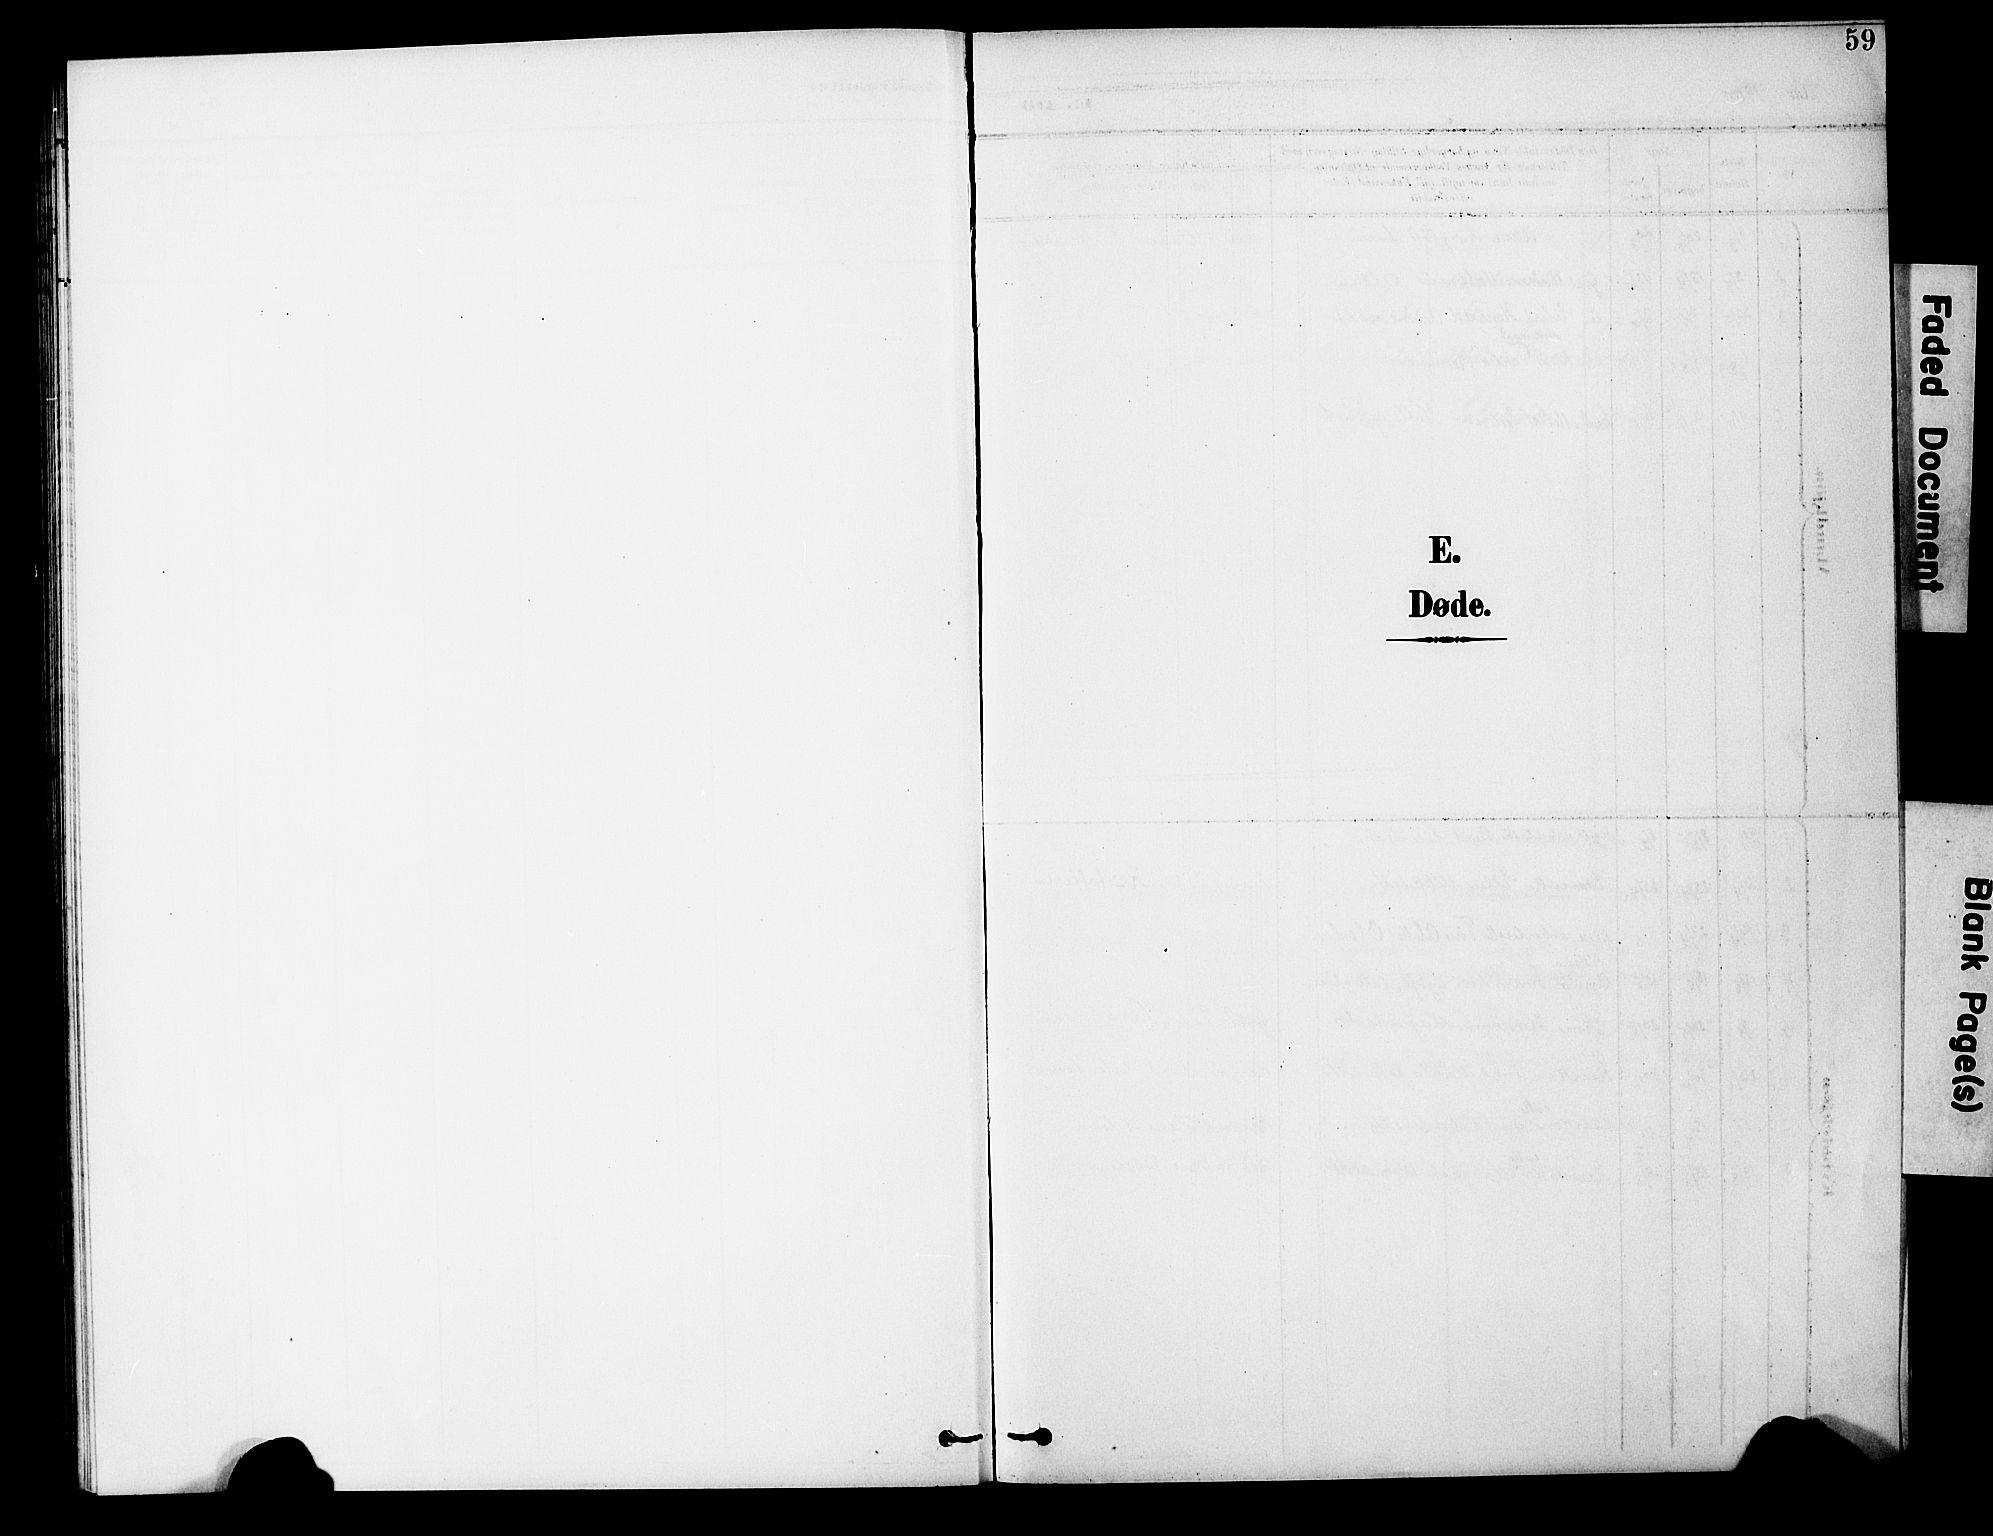 SAT, Ministerialprotokoller, klokkerbøker og fødselsregistre - Nord-Trøndelag, 746/L0452: Ministerialbok nr. 746A09, 1900-1908, s. 59